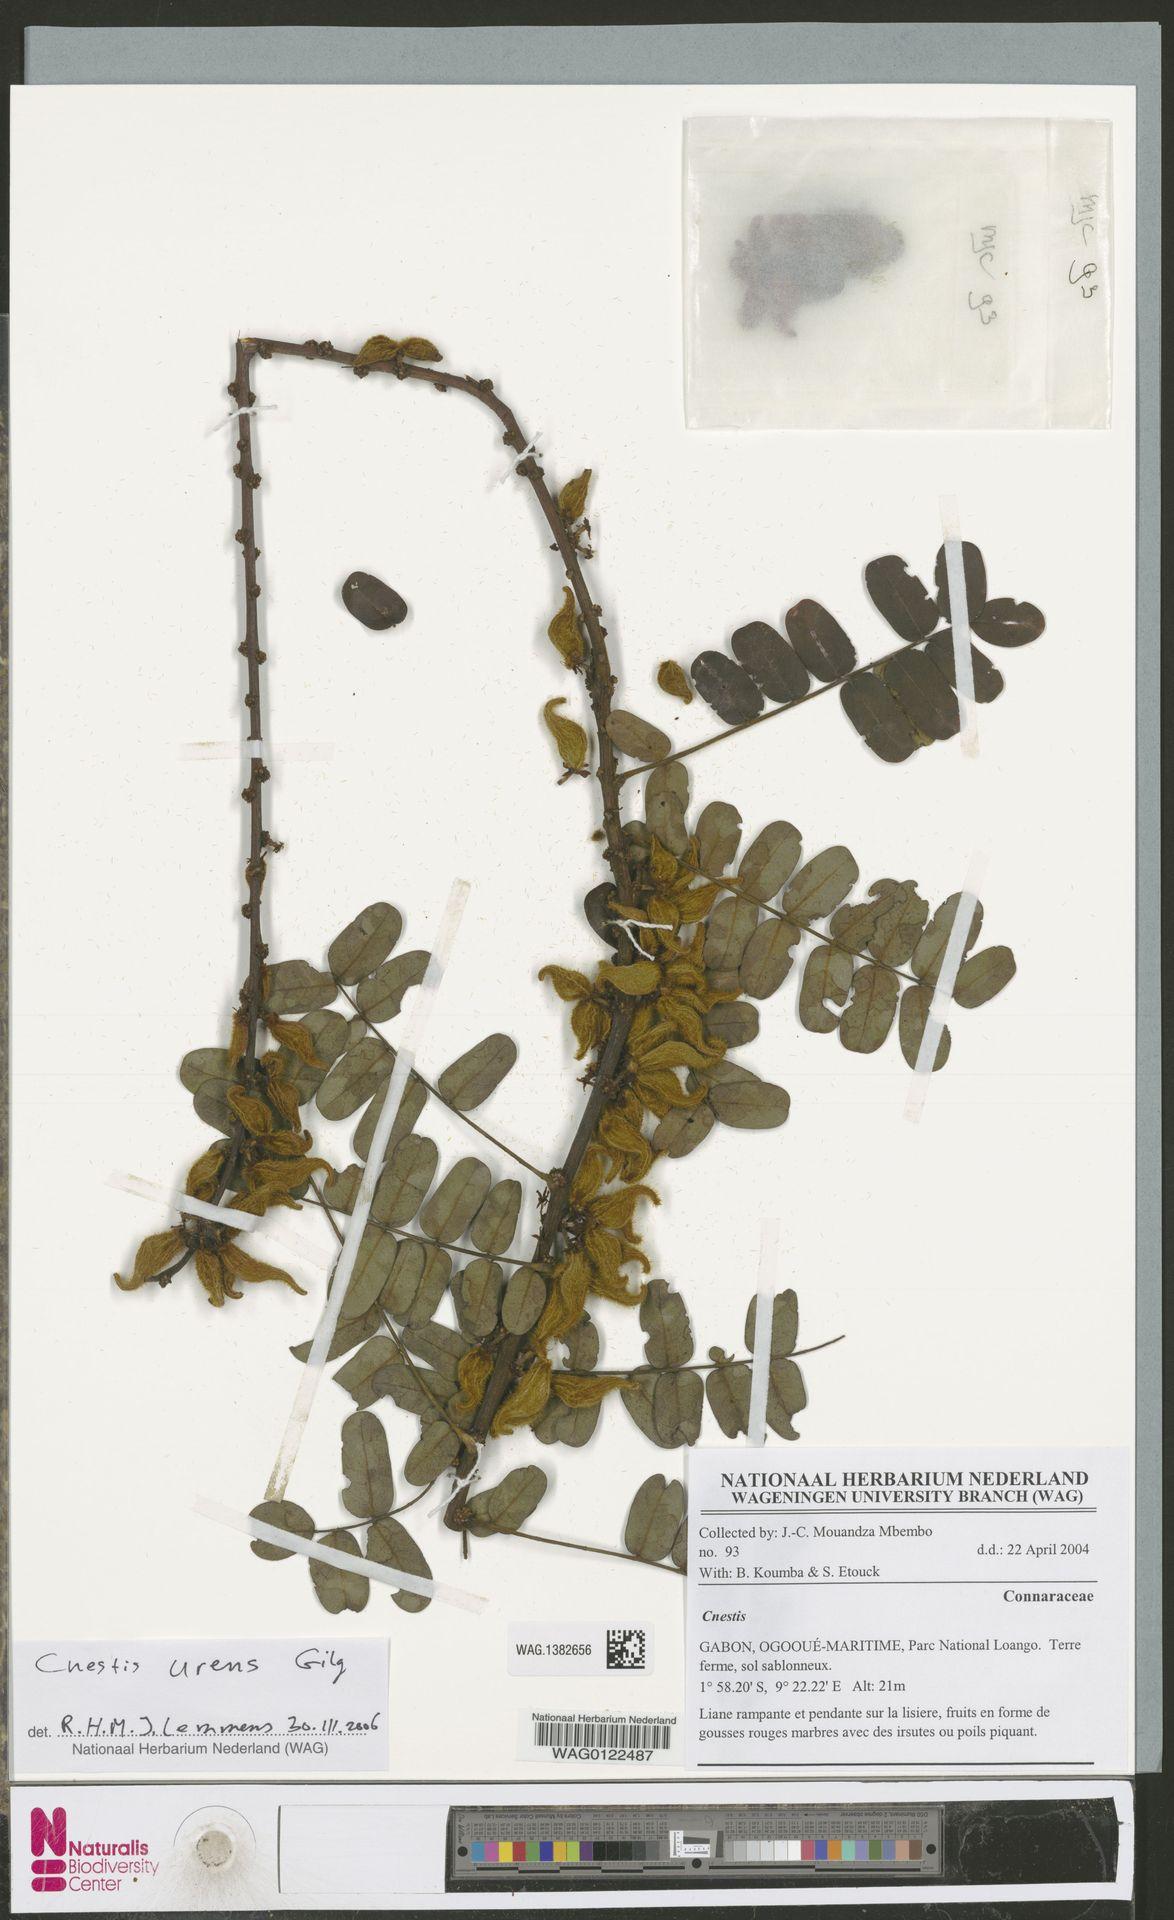 WAG.1382656 | Cnestis urens Gilg